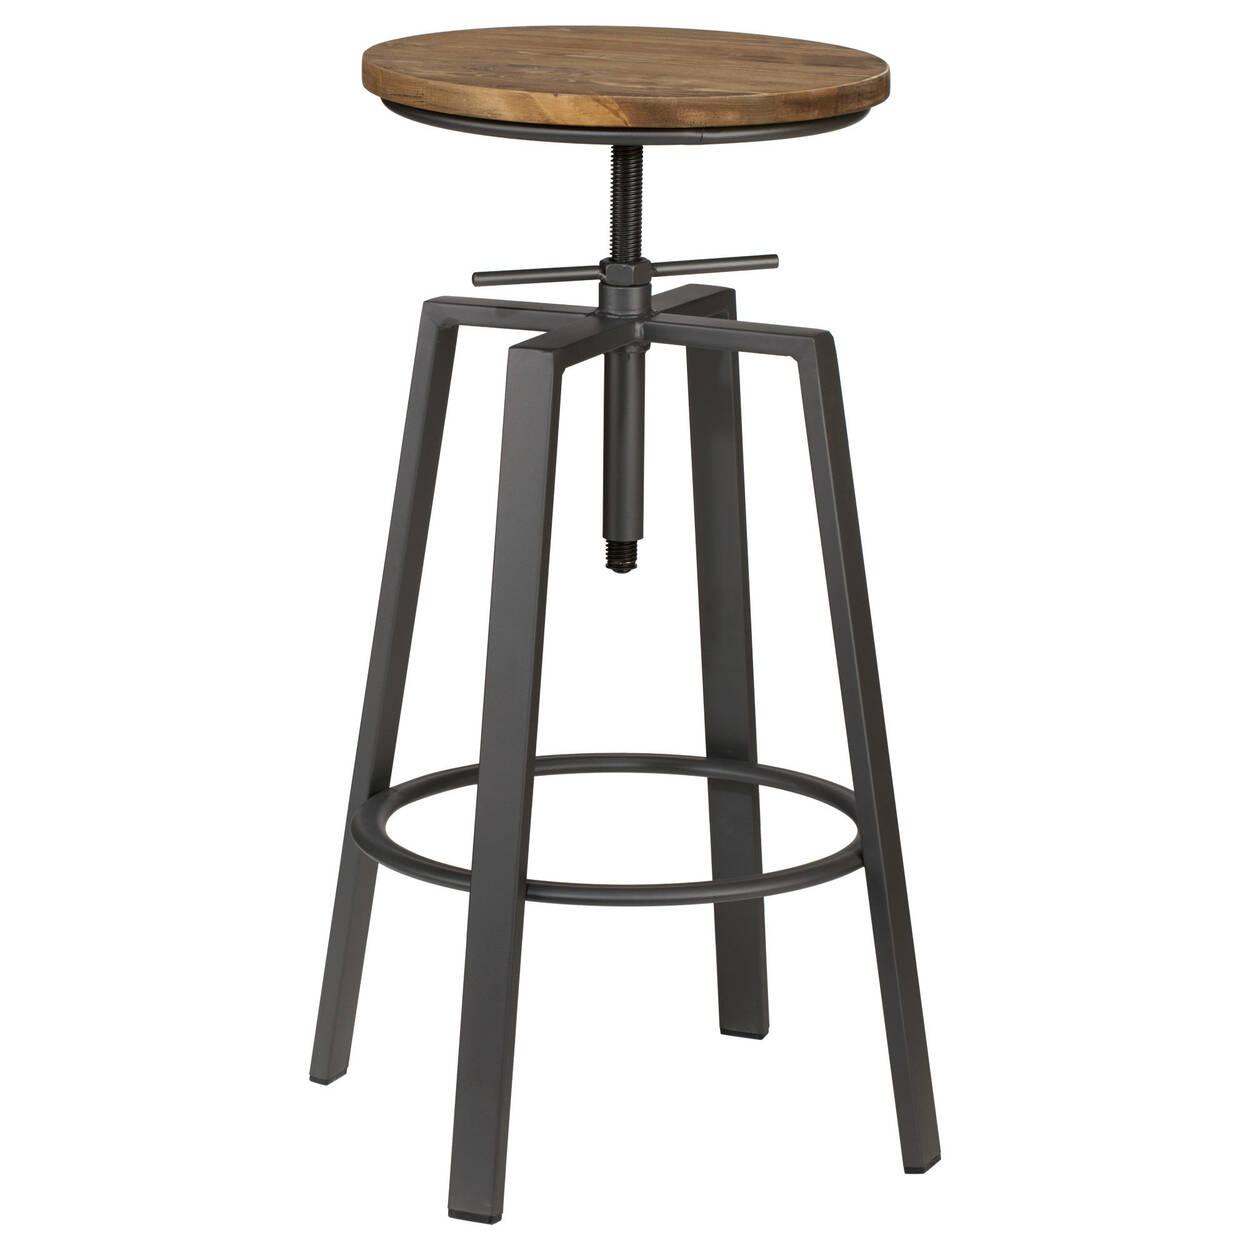 earl furniture stools metal chris chrisearl stool bar